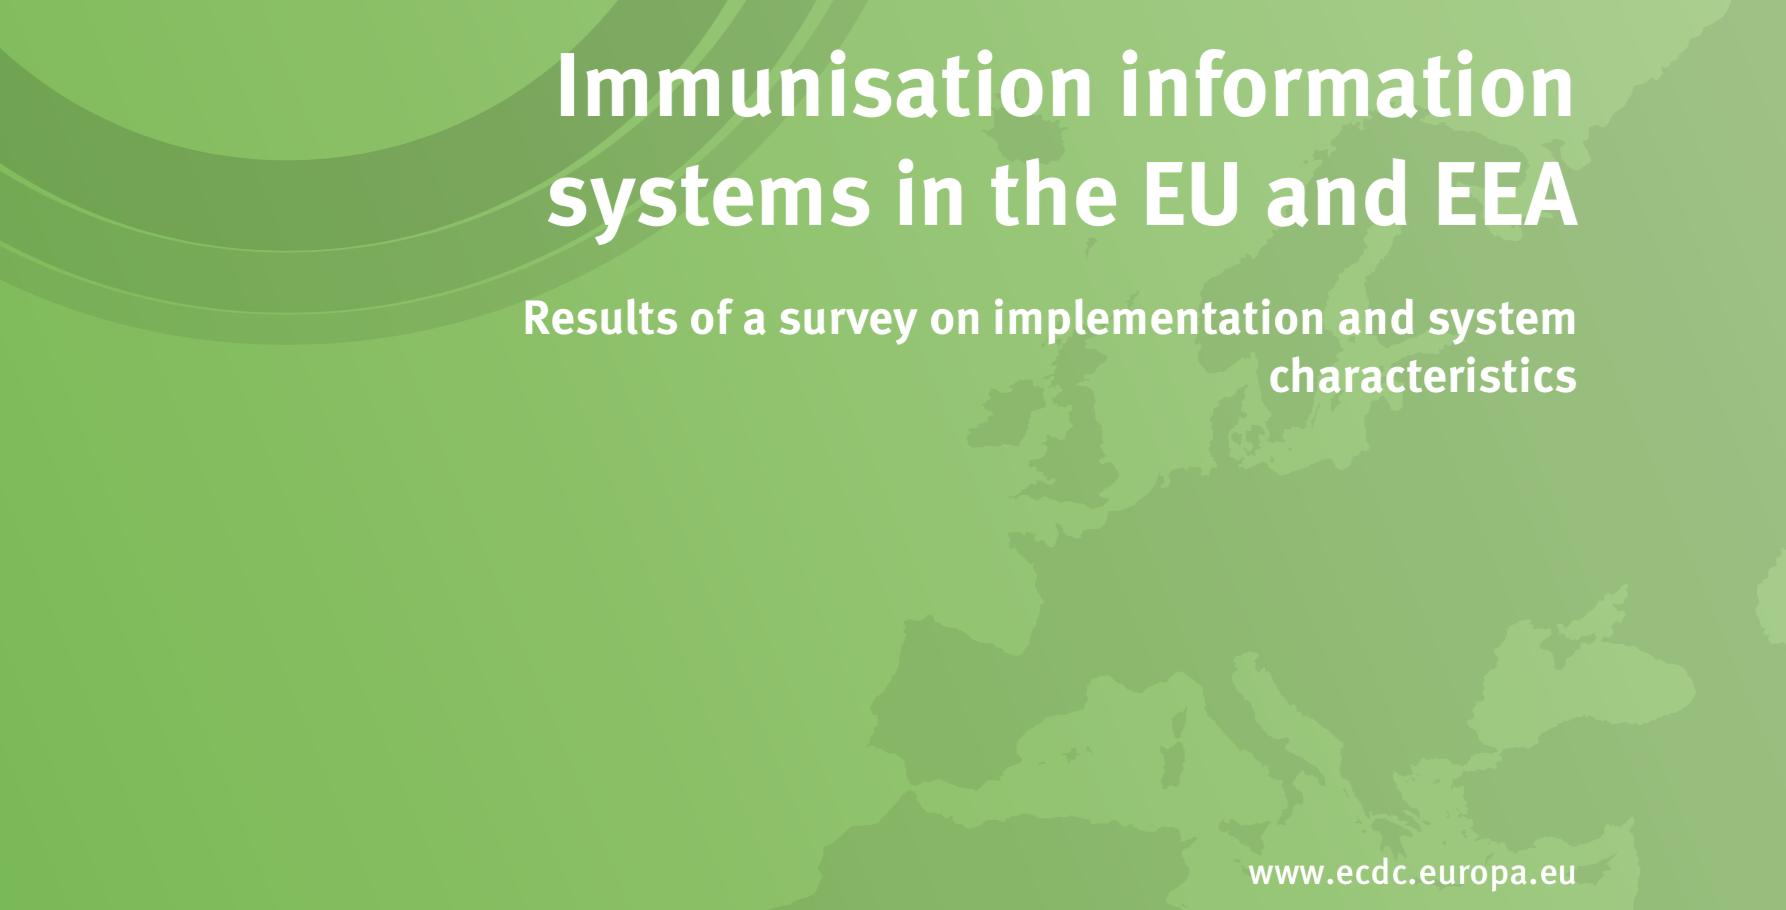 Screenshot aus dem Dokument des ECDC zur Umfrage zu einem Immunisierungsinformationssystem